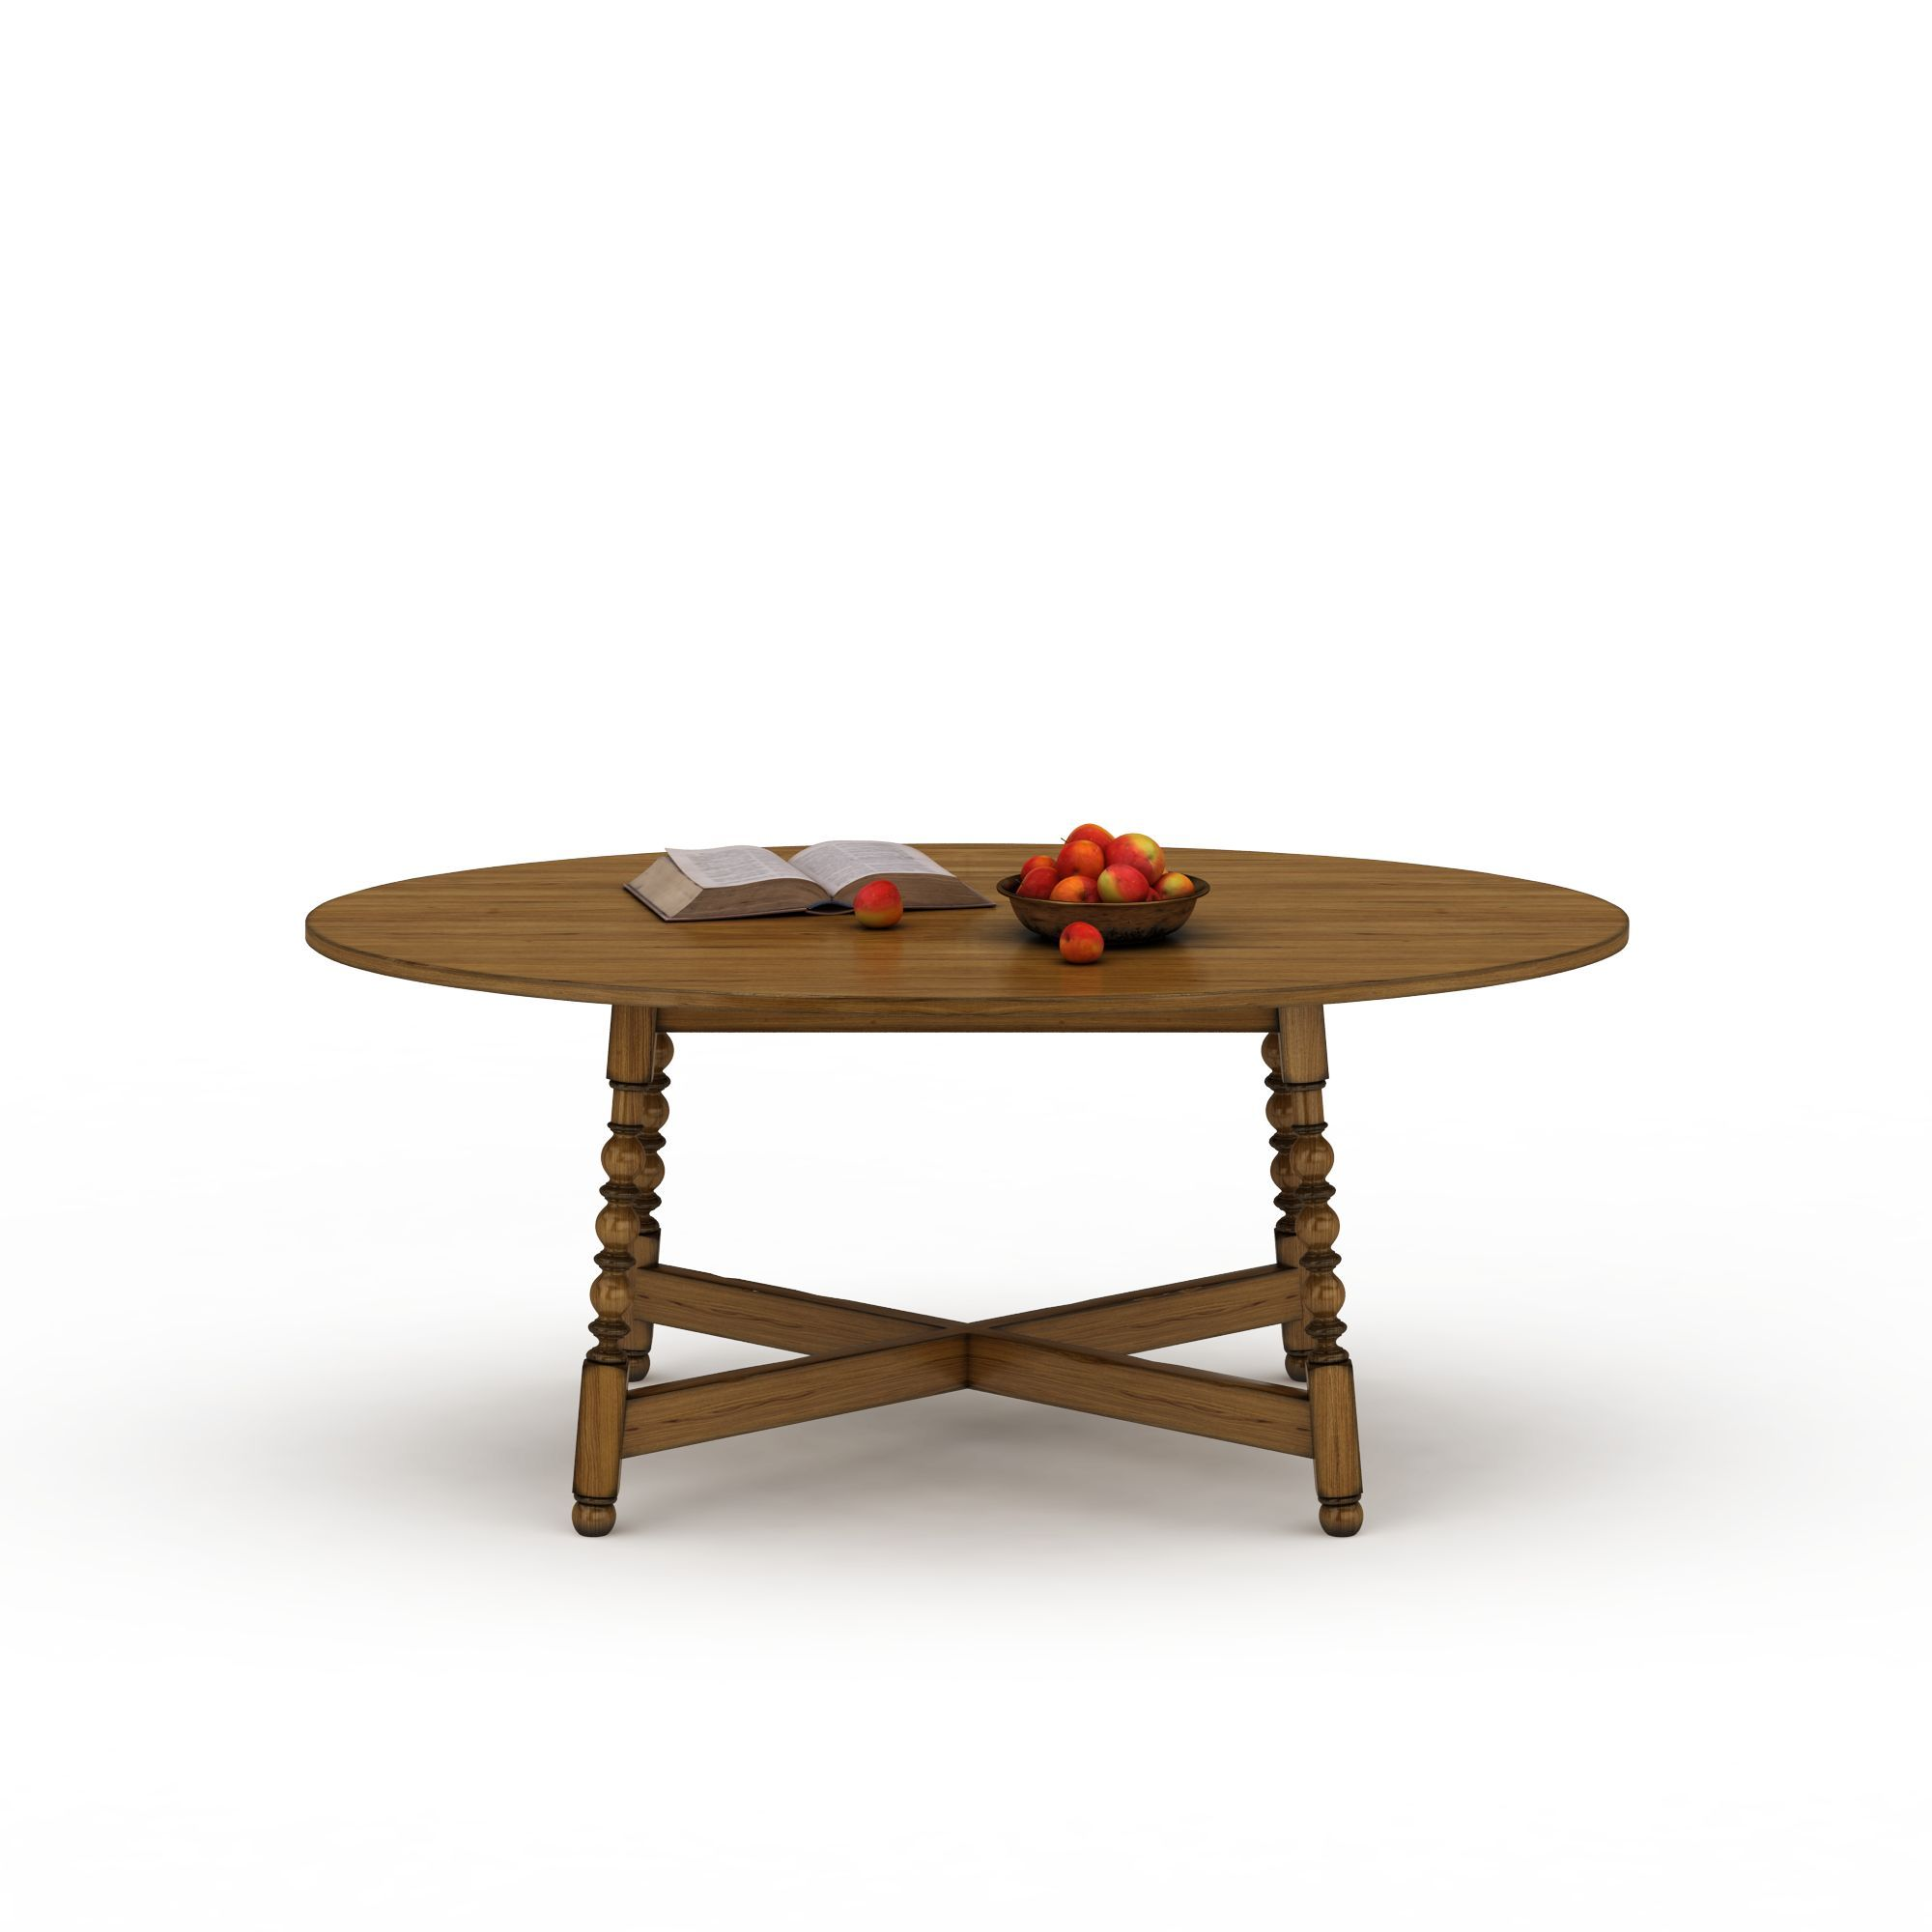 关键词:圆形餐桌3d模型木质圆桌3d模型交叉圆桌3d模型中式实木圆桌3d图片